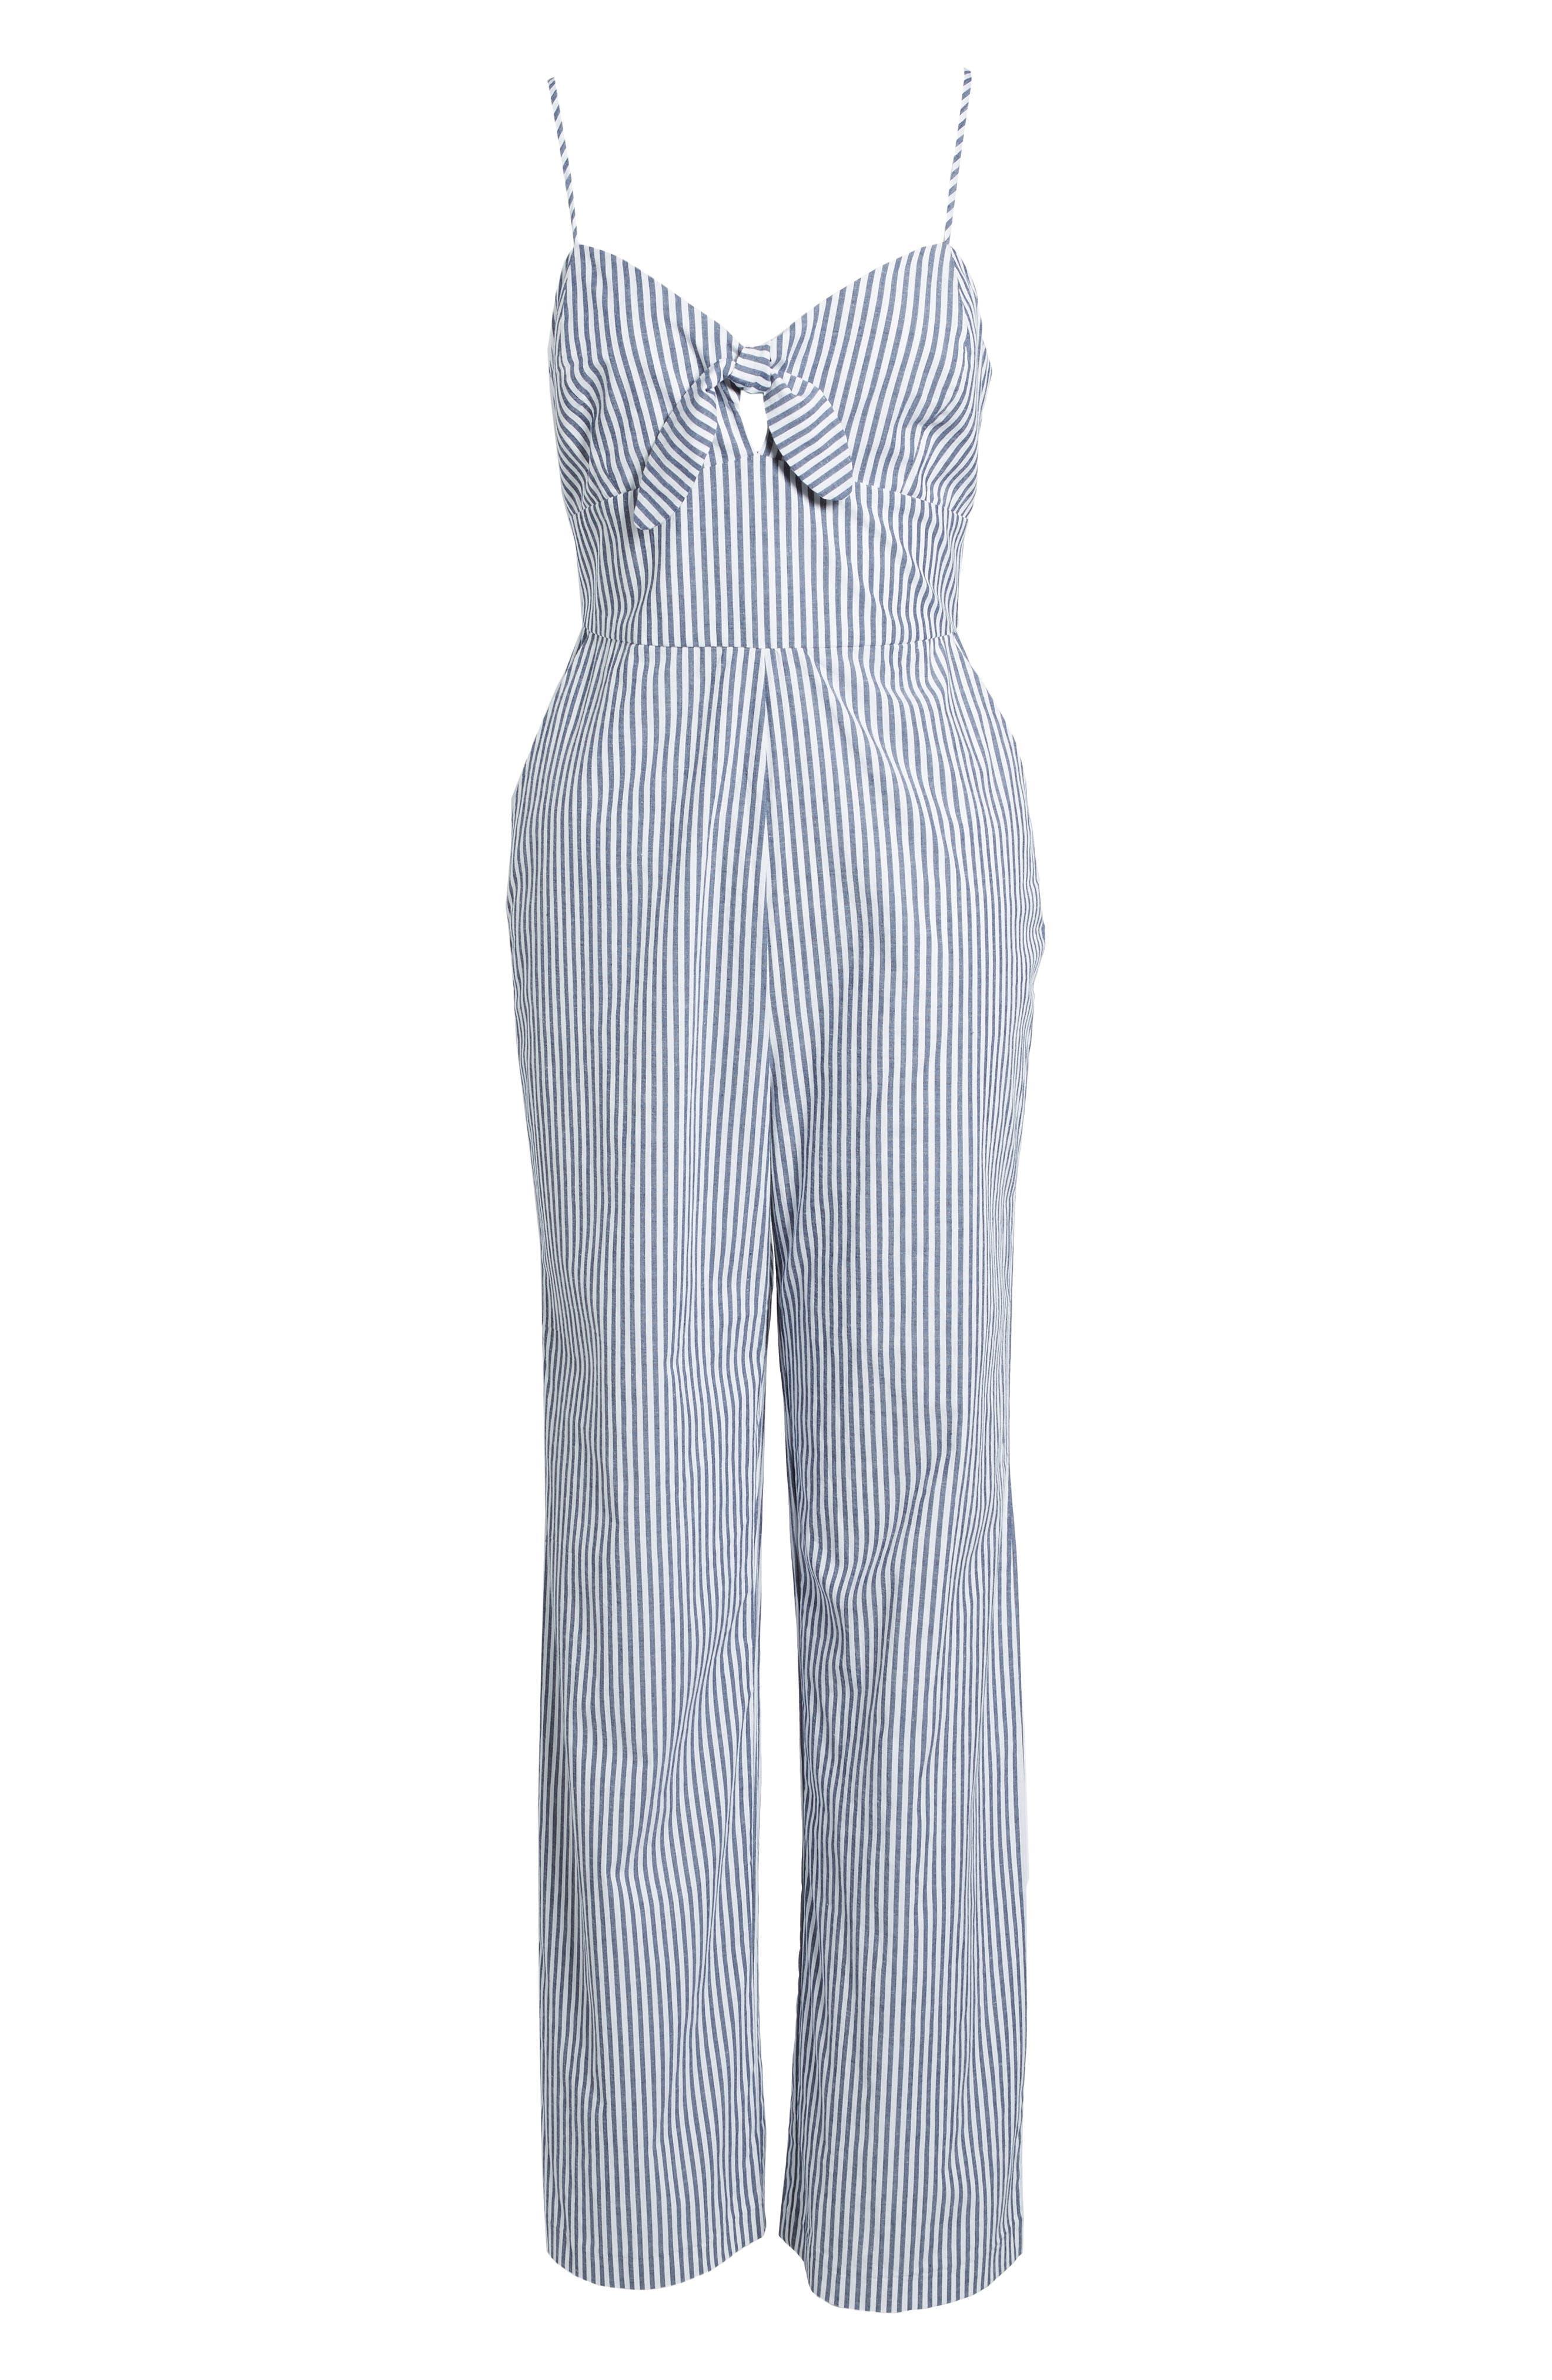 Tie Front Jumpsuit,                             Alternate thumbnail 6, color,                             Blue-White Stripe